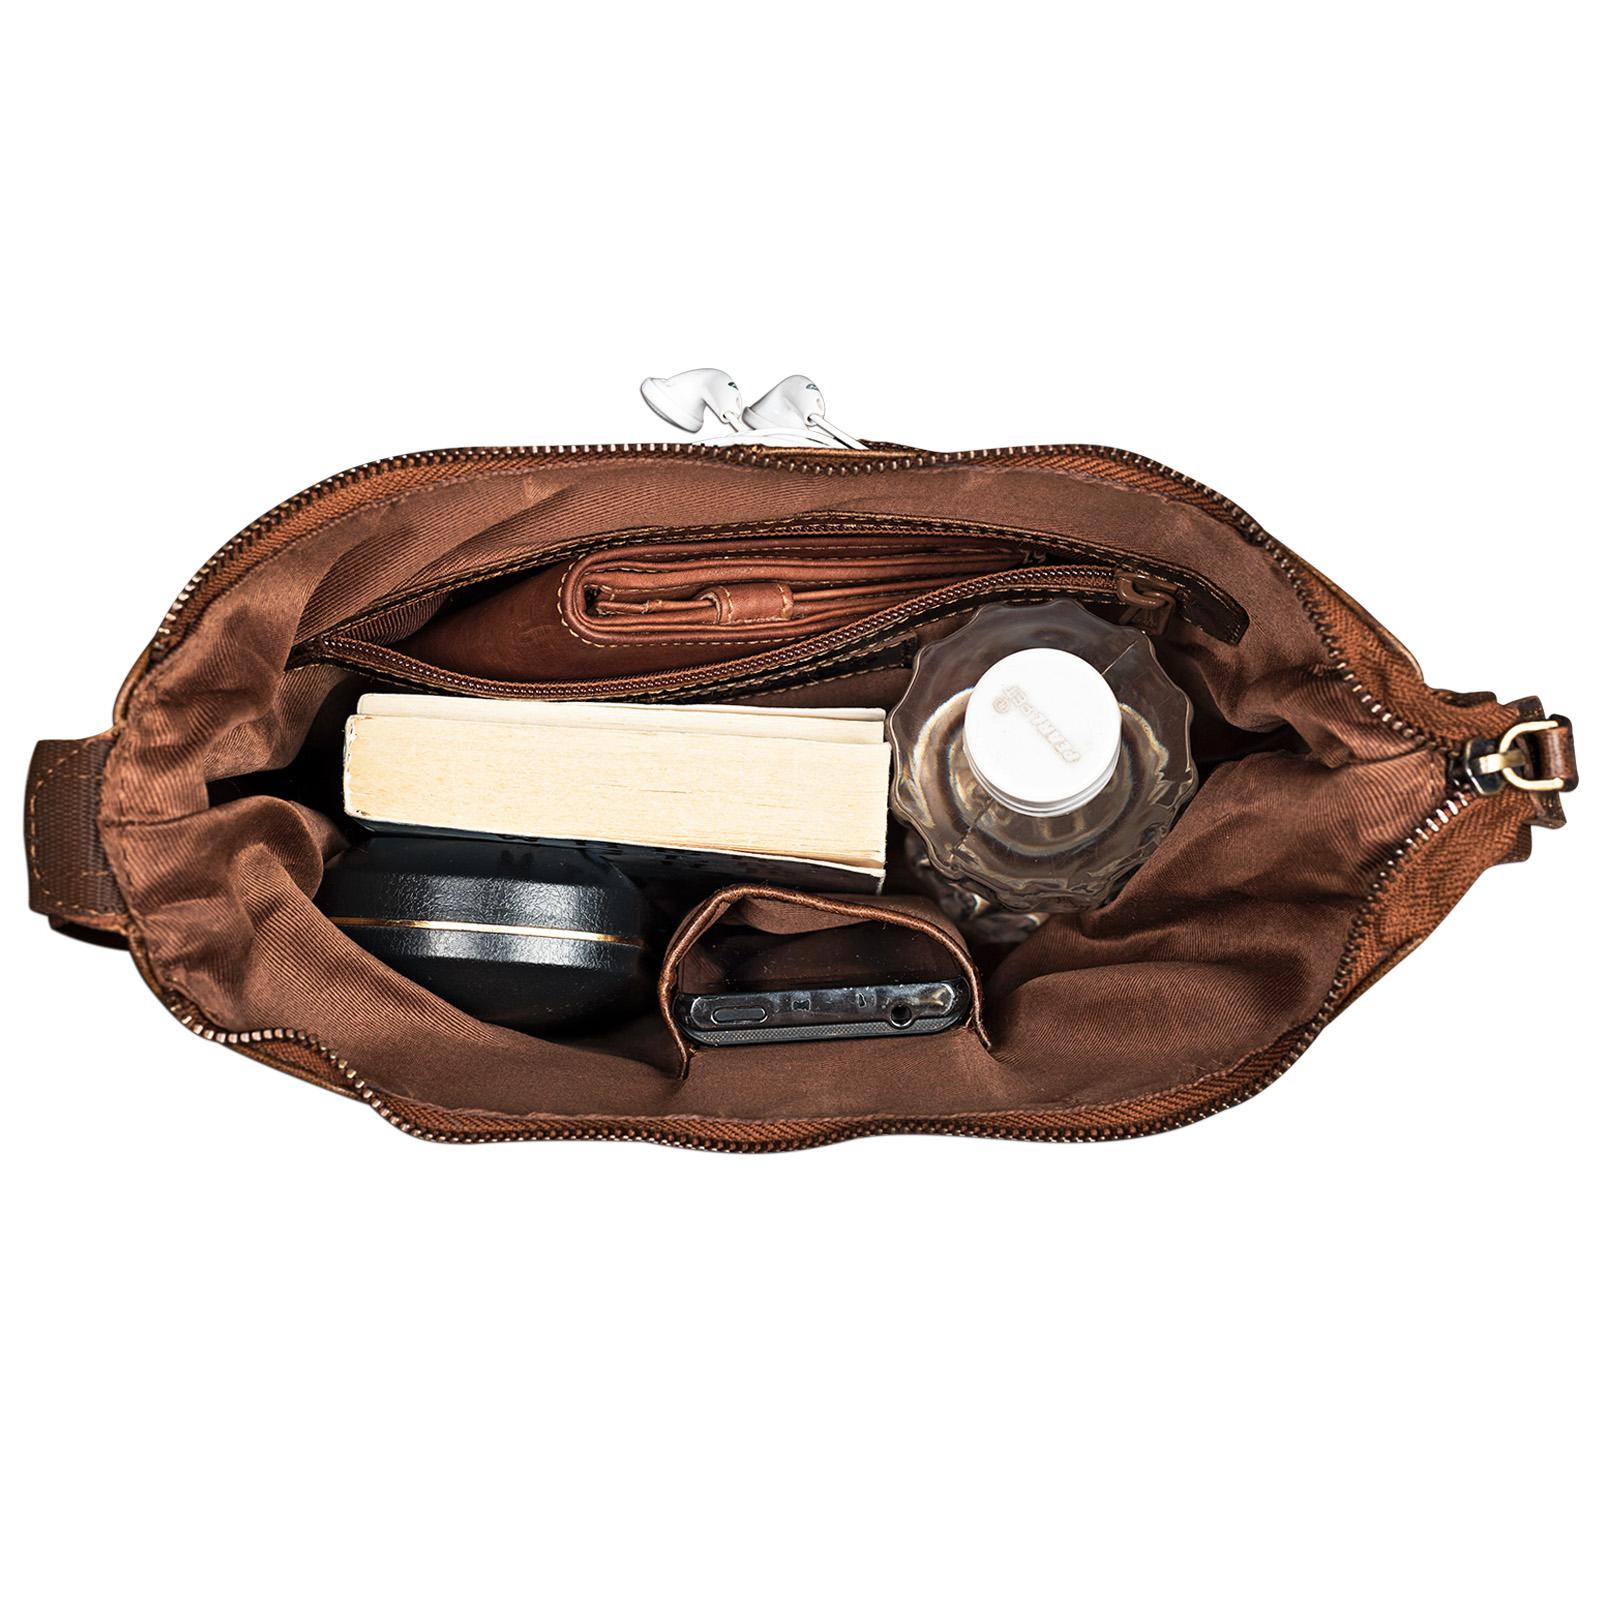 Handtasche ausgehen braun